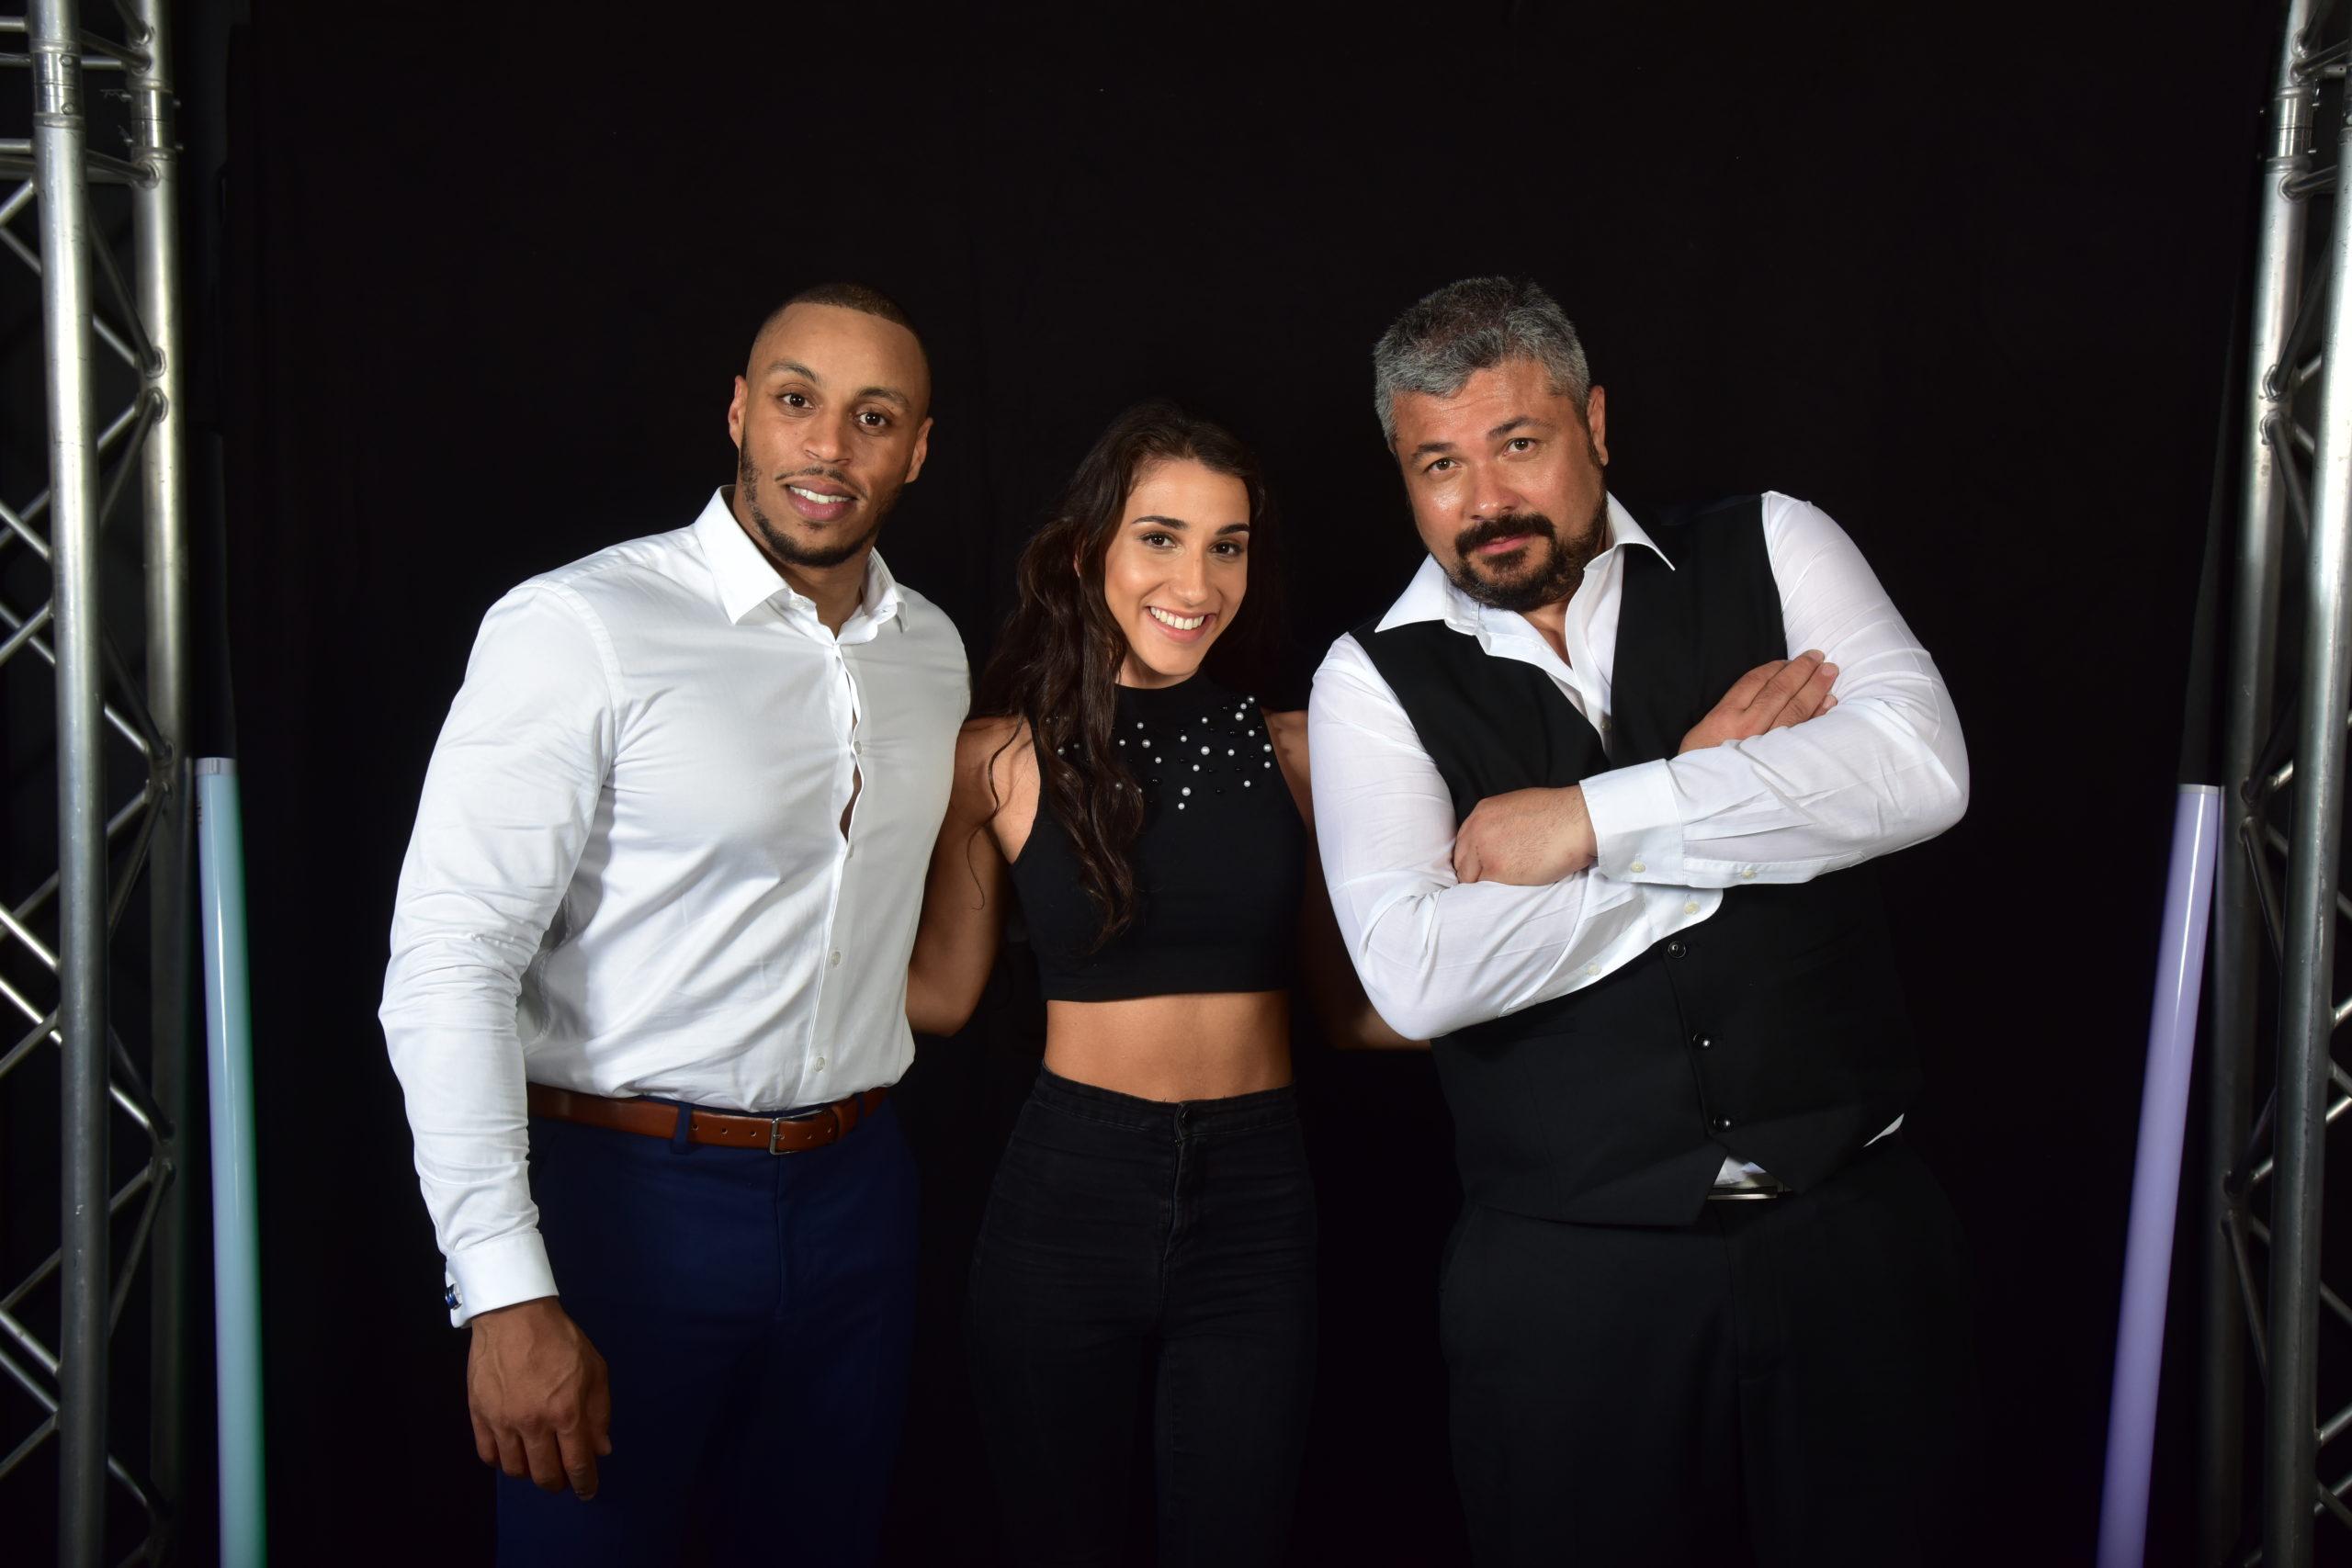 Ines Gadacha & Yassir